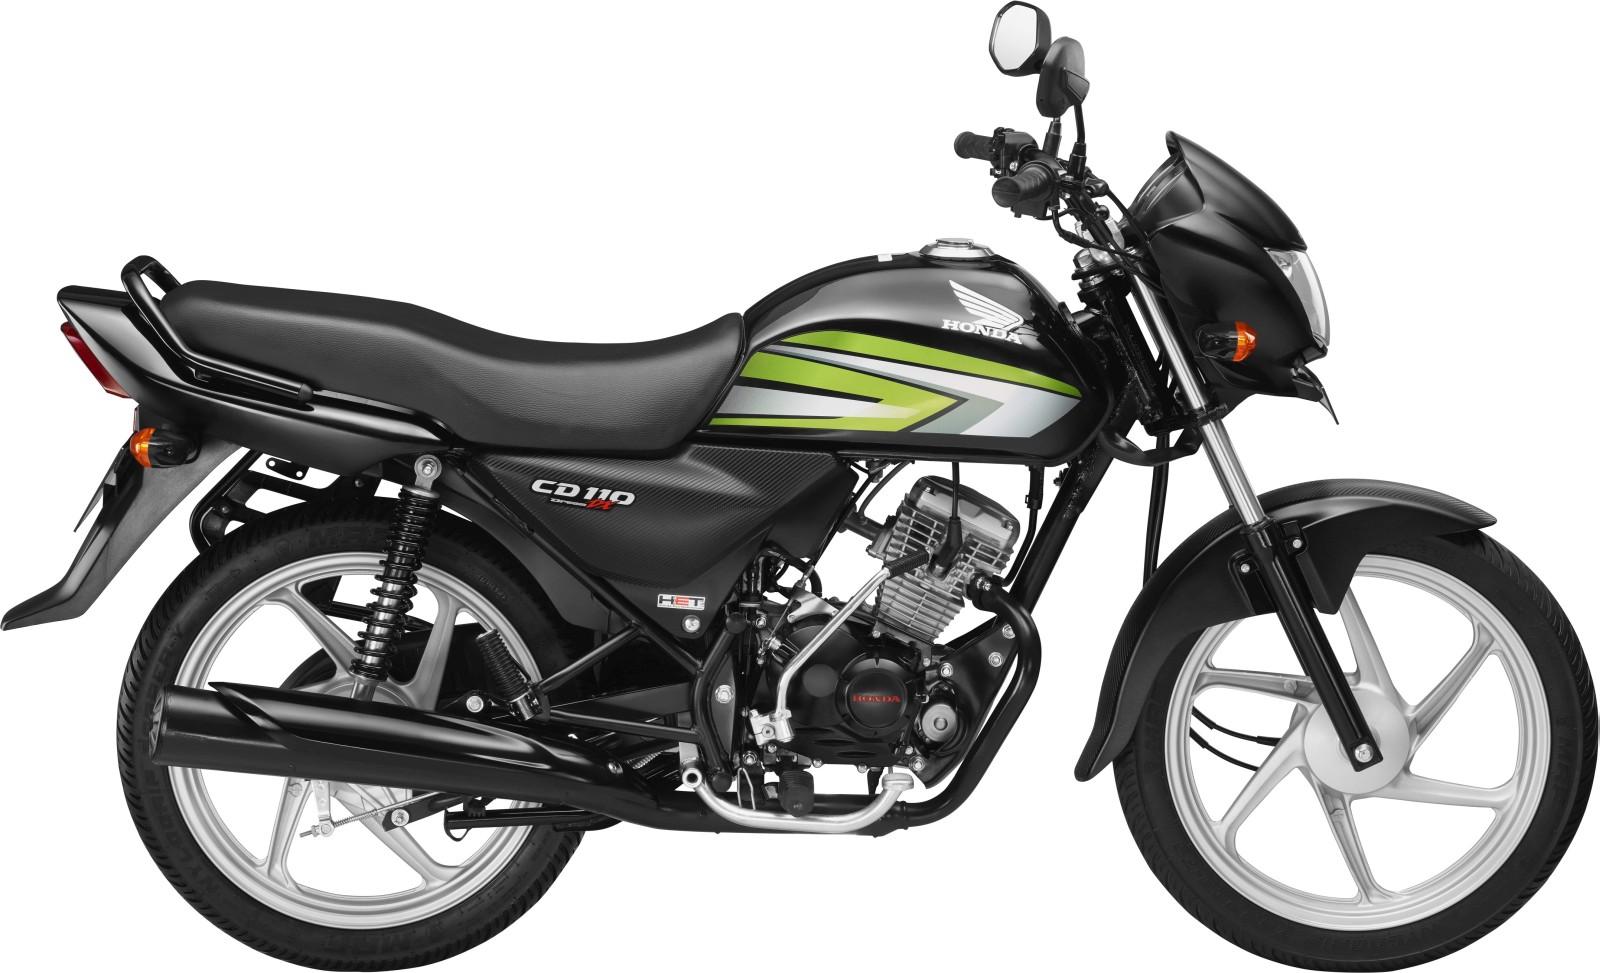 Honda CD110 Dream DX - TVC Released - 1